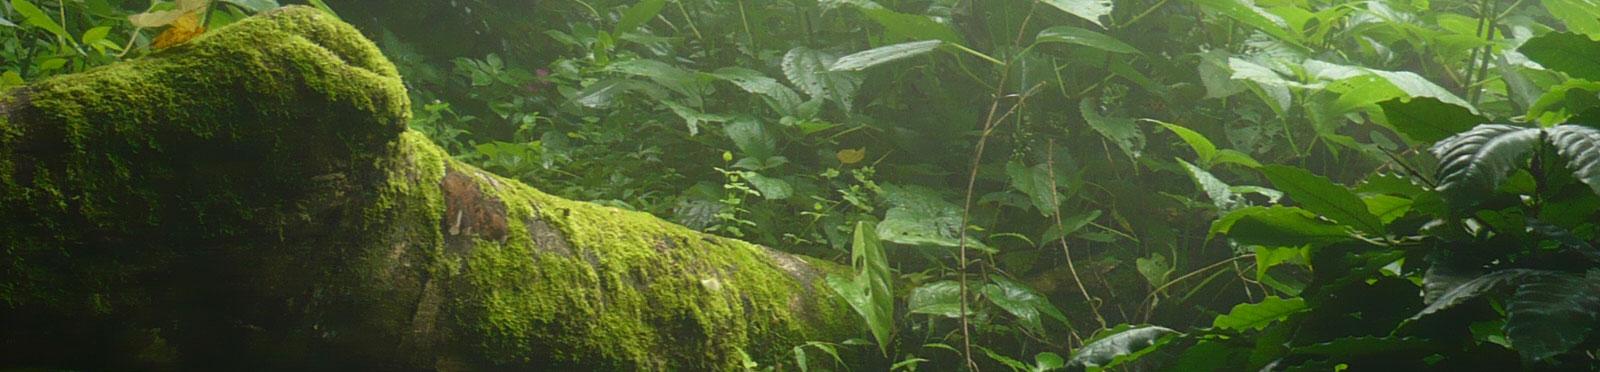 imagen low carbon